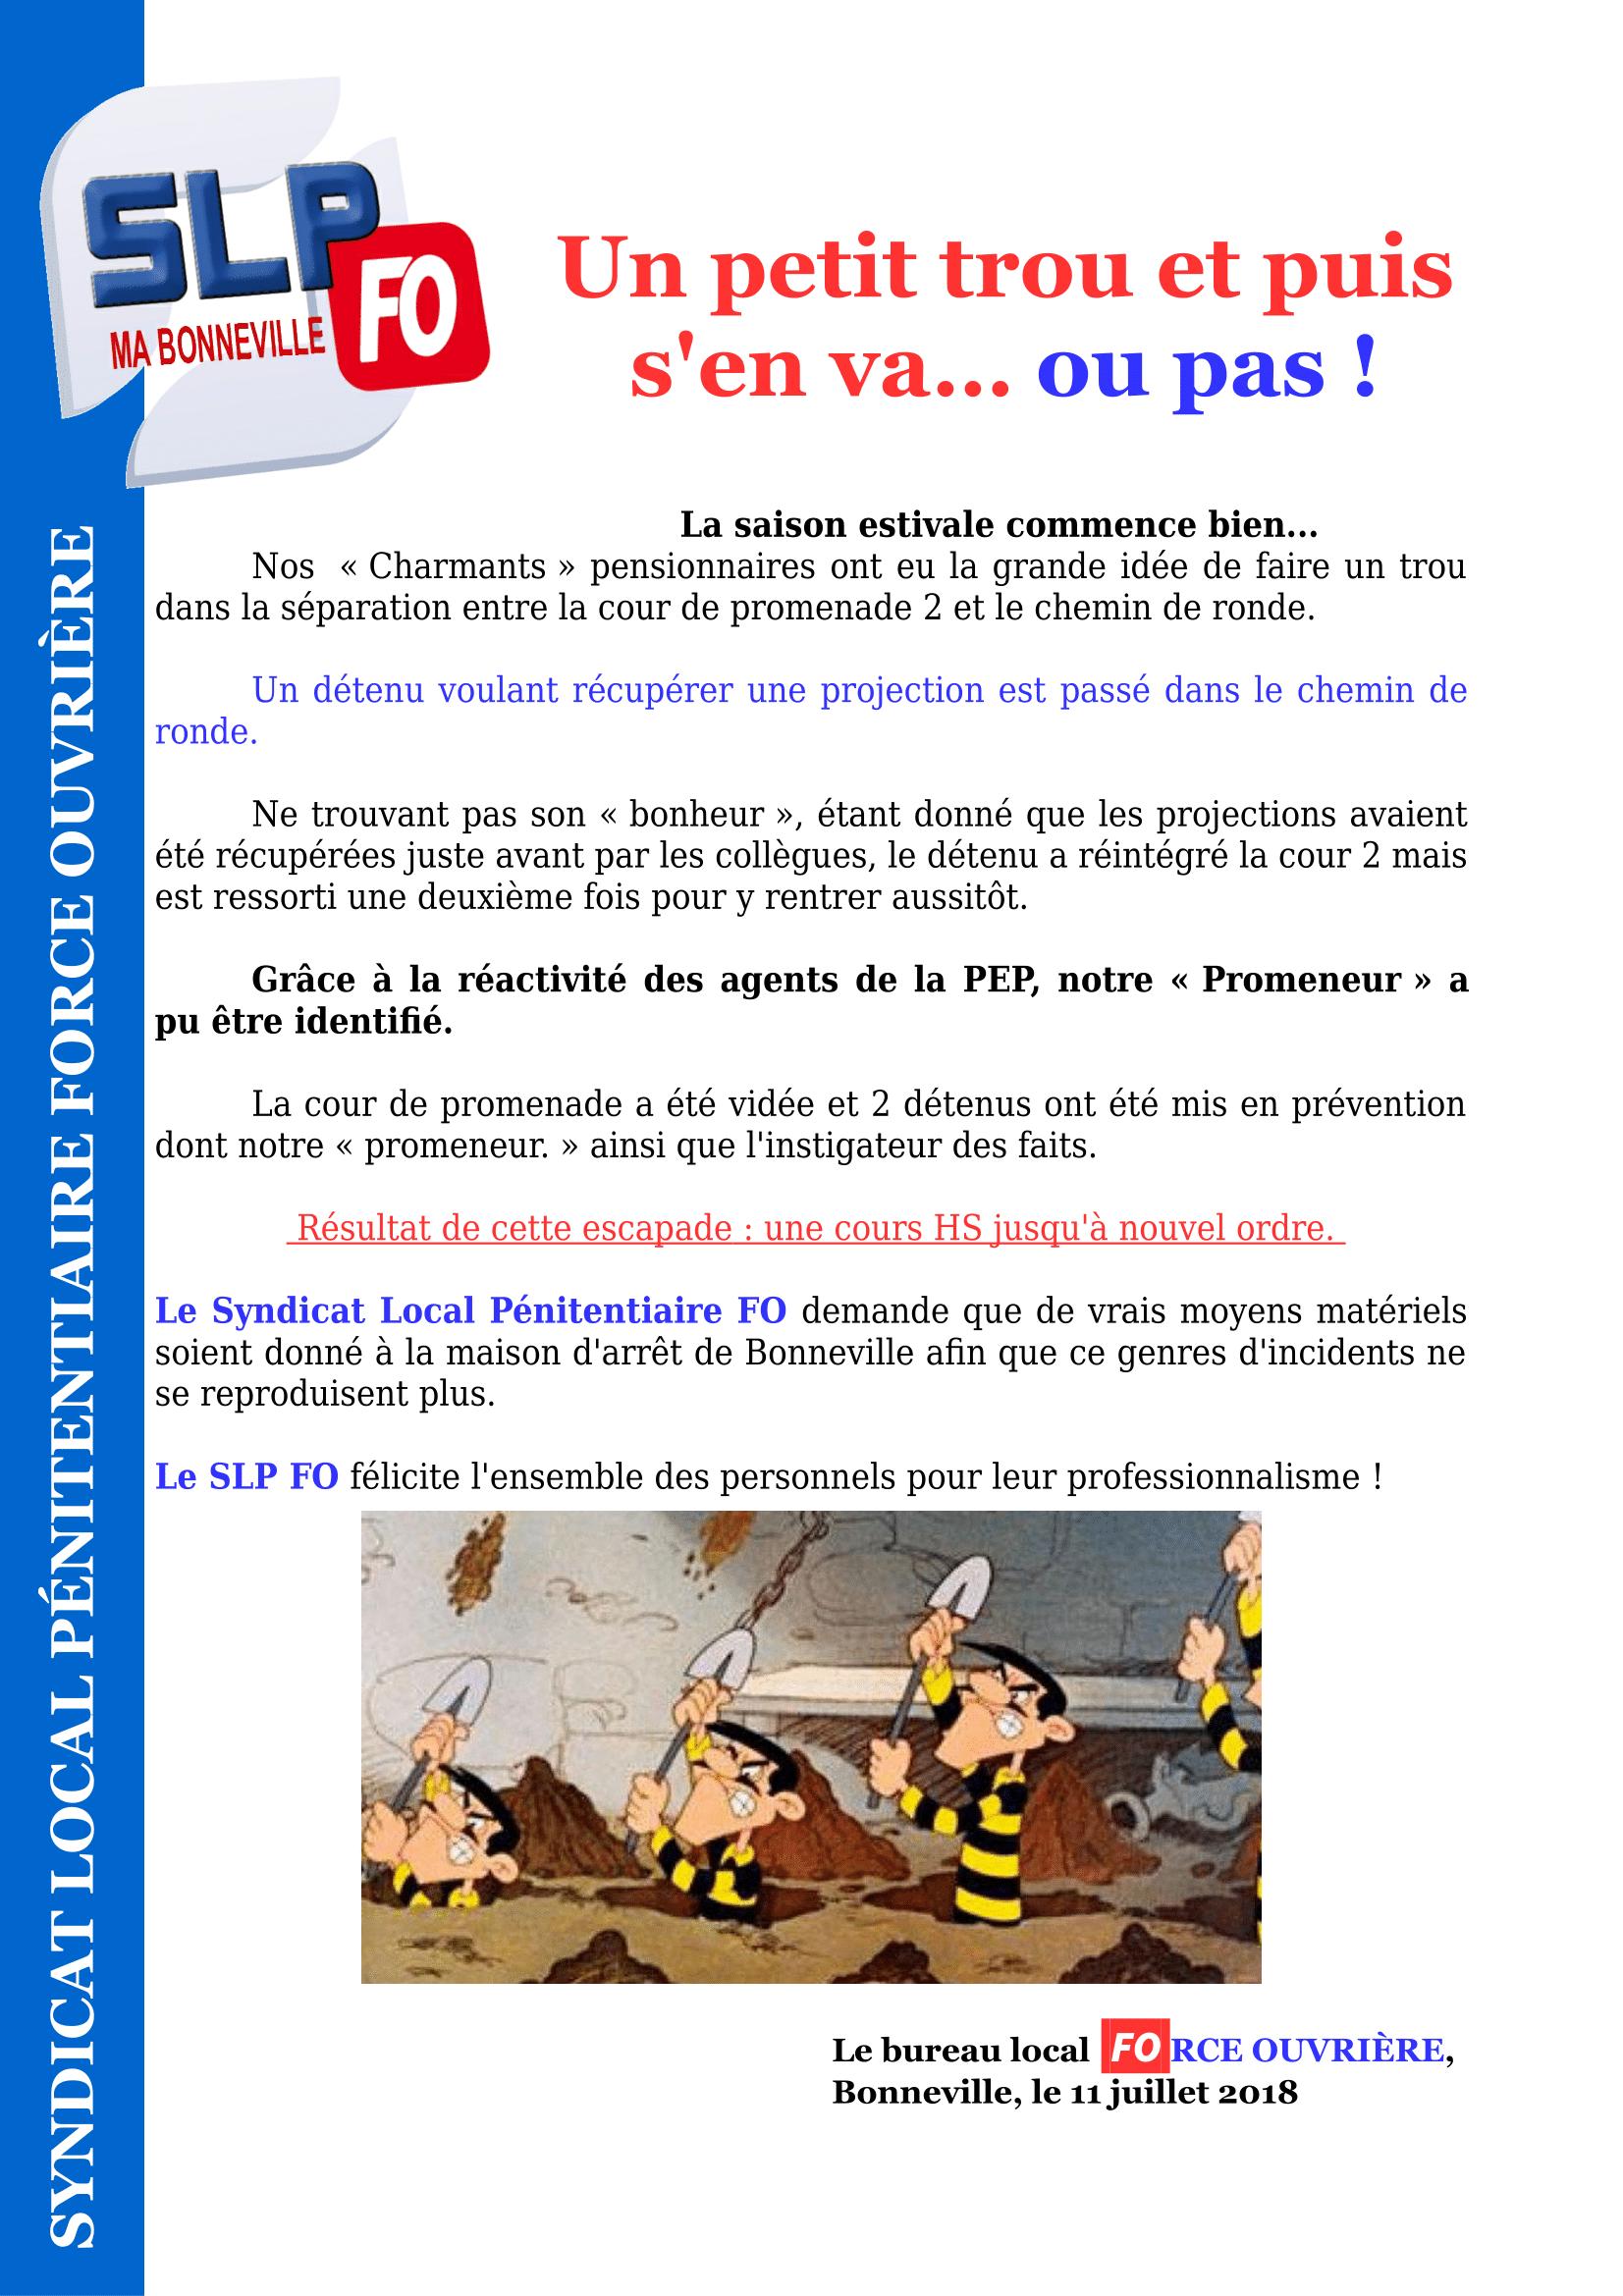 Tract MA Bonneville Un ptit trou-1